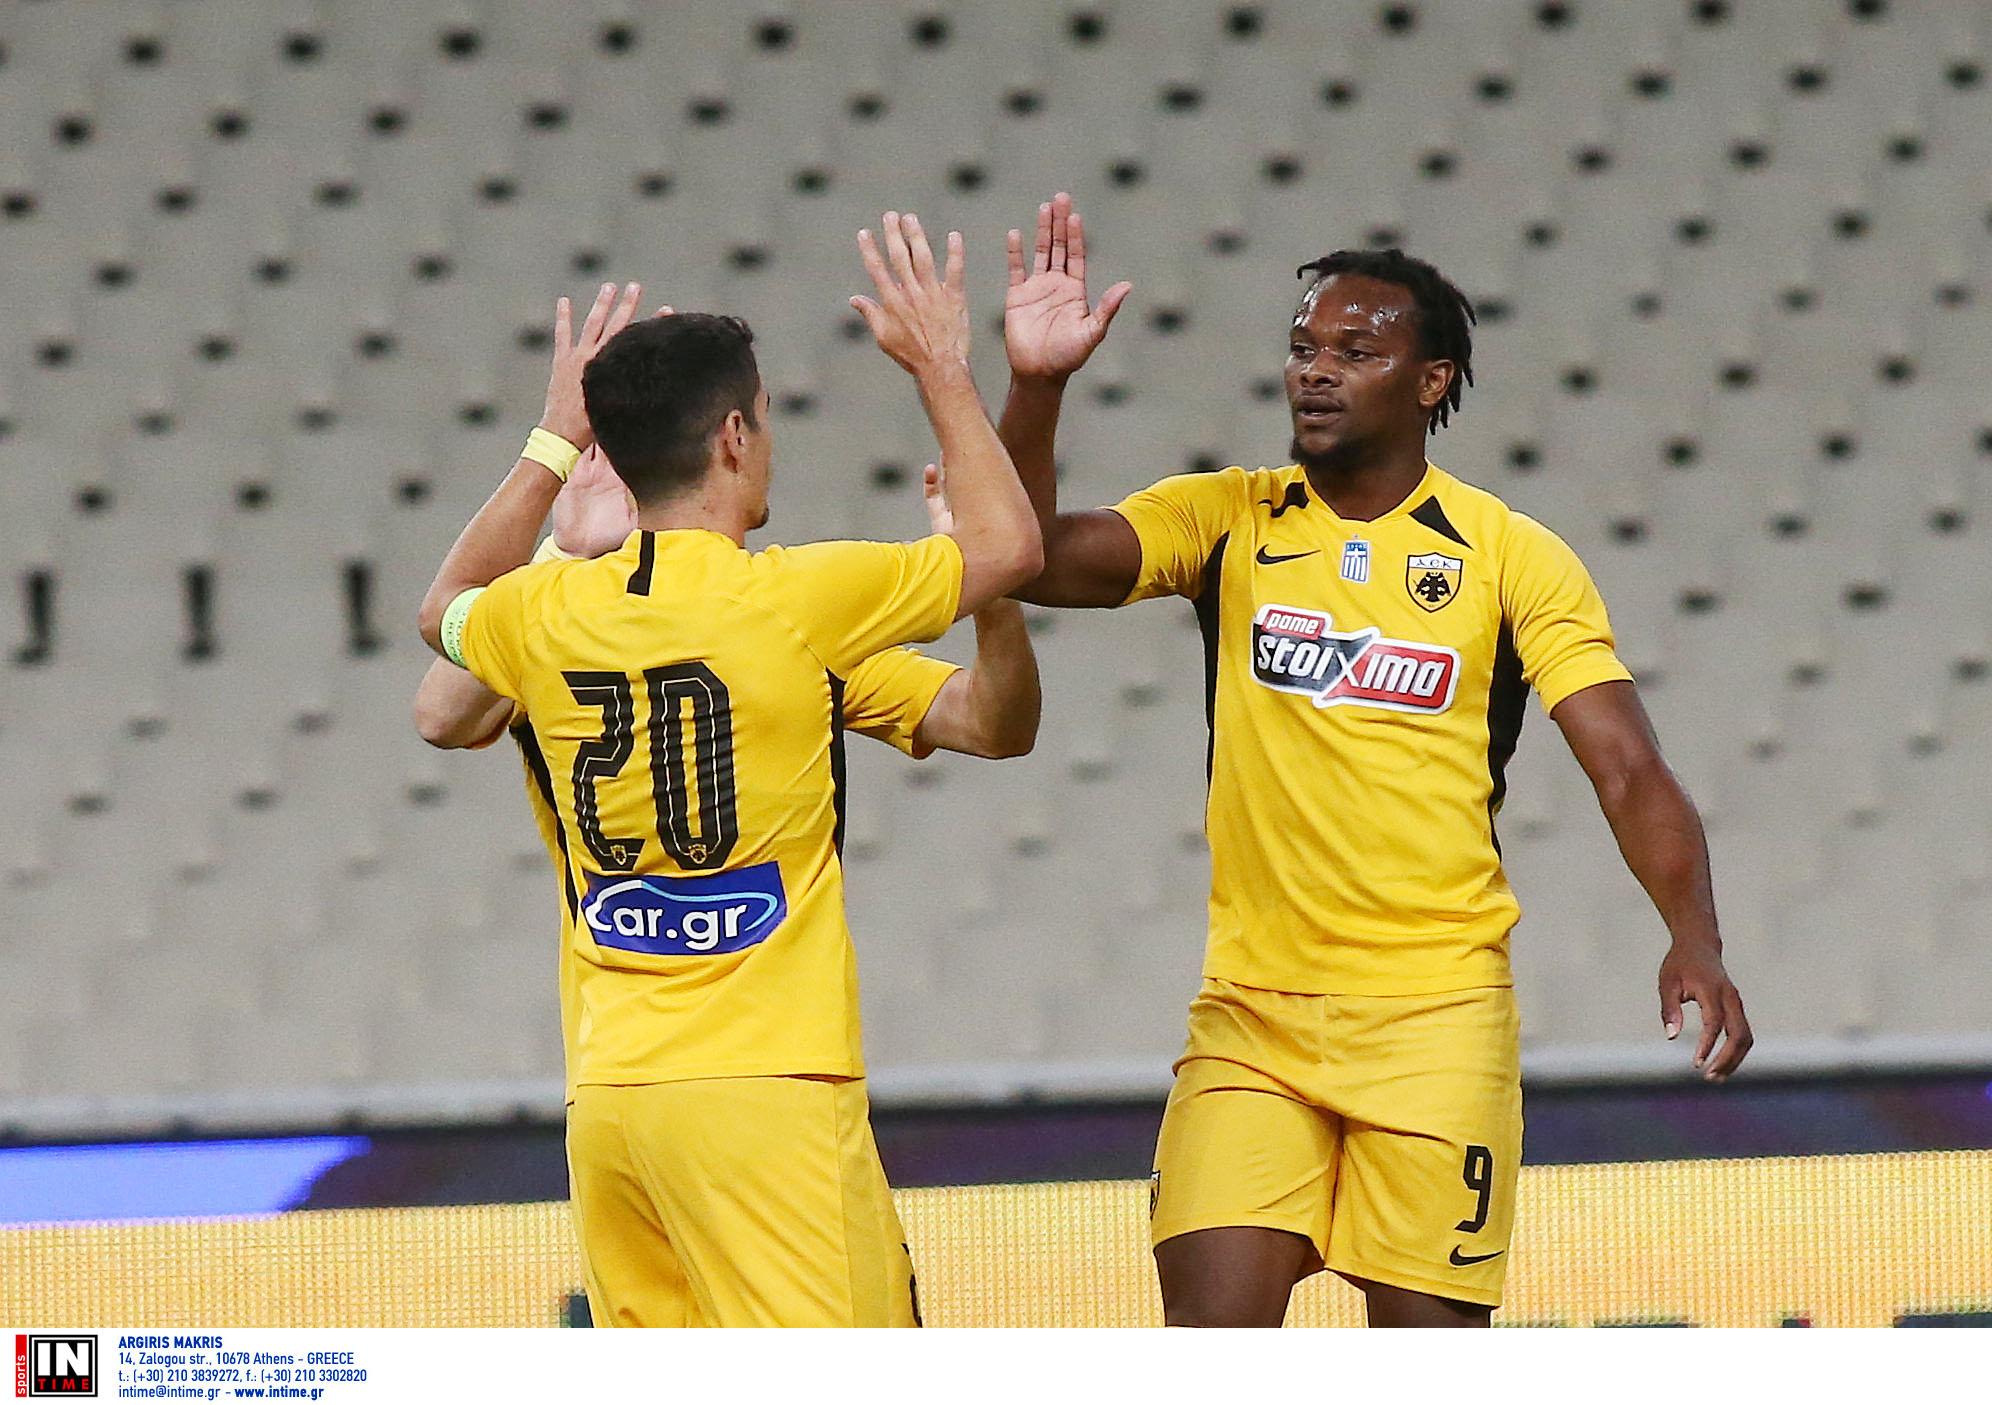 ΑΕΚ – Απόλλων Λεμεσού 3-0: Άνετη με Λιβάι Γκαρσία πριν τους αγώνες στο Conference League